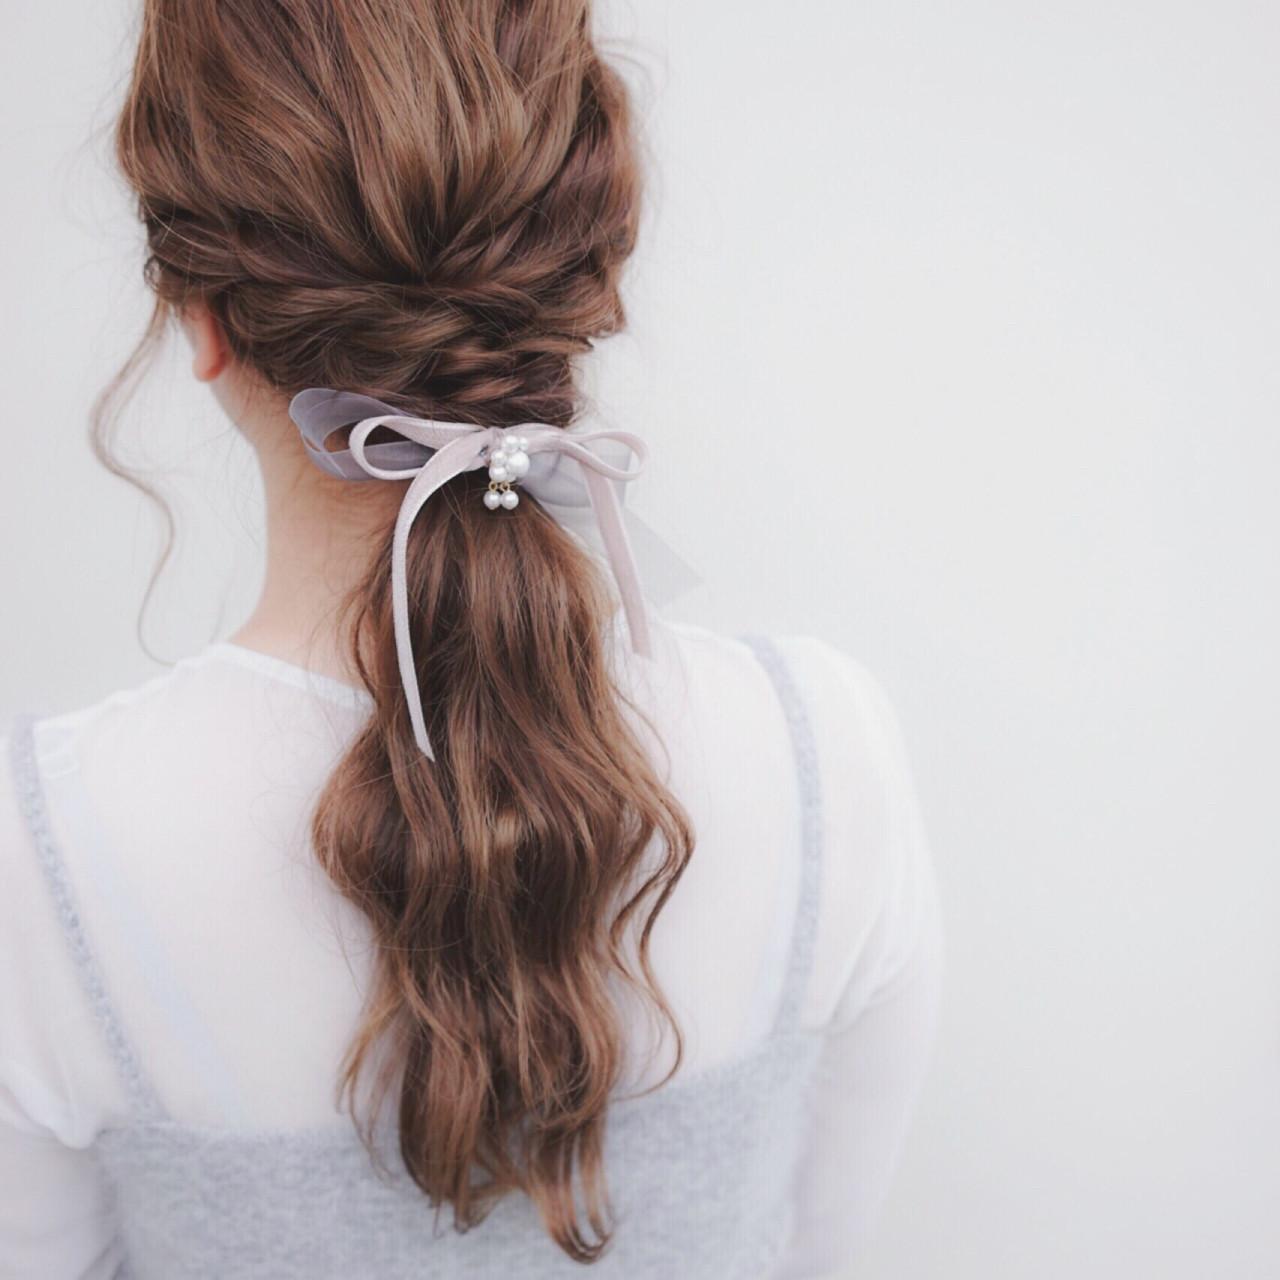 ロング ゆるふわ ヘアアレンジ 大人かわいい ヘアスタイルや髪型の写真・画像 | 鈴木 貴仁 / Ar and e.m.a   TAKA